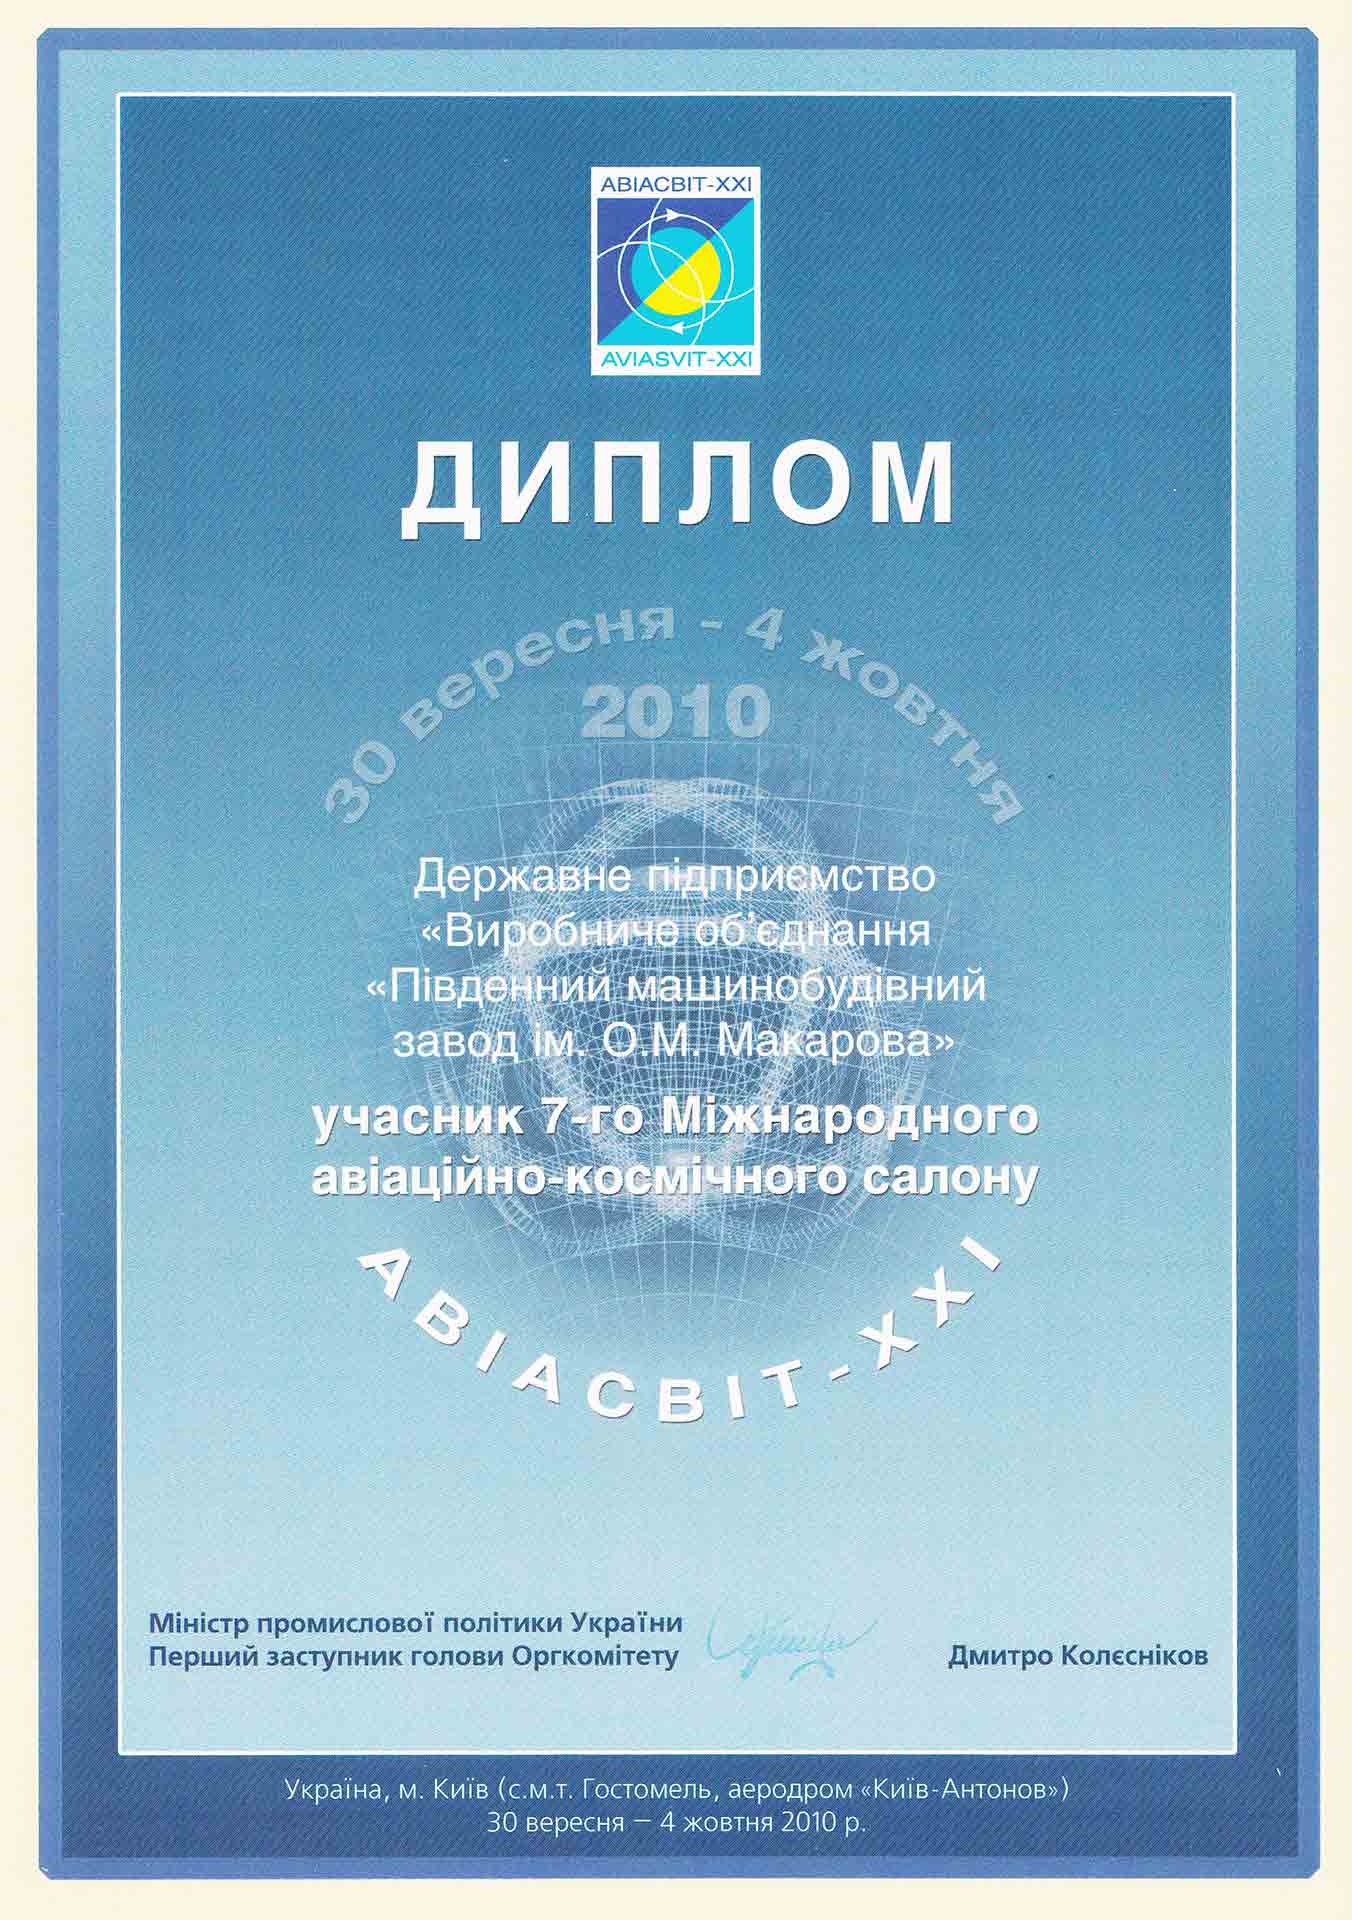 Награды и сертификаты